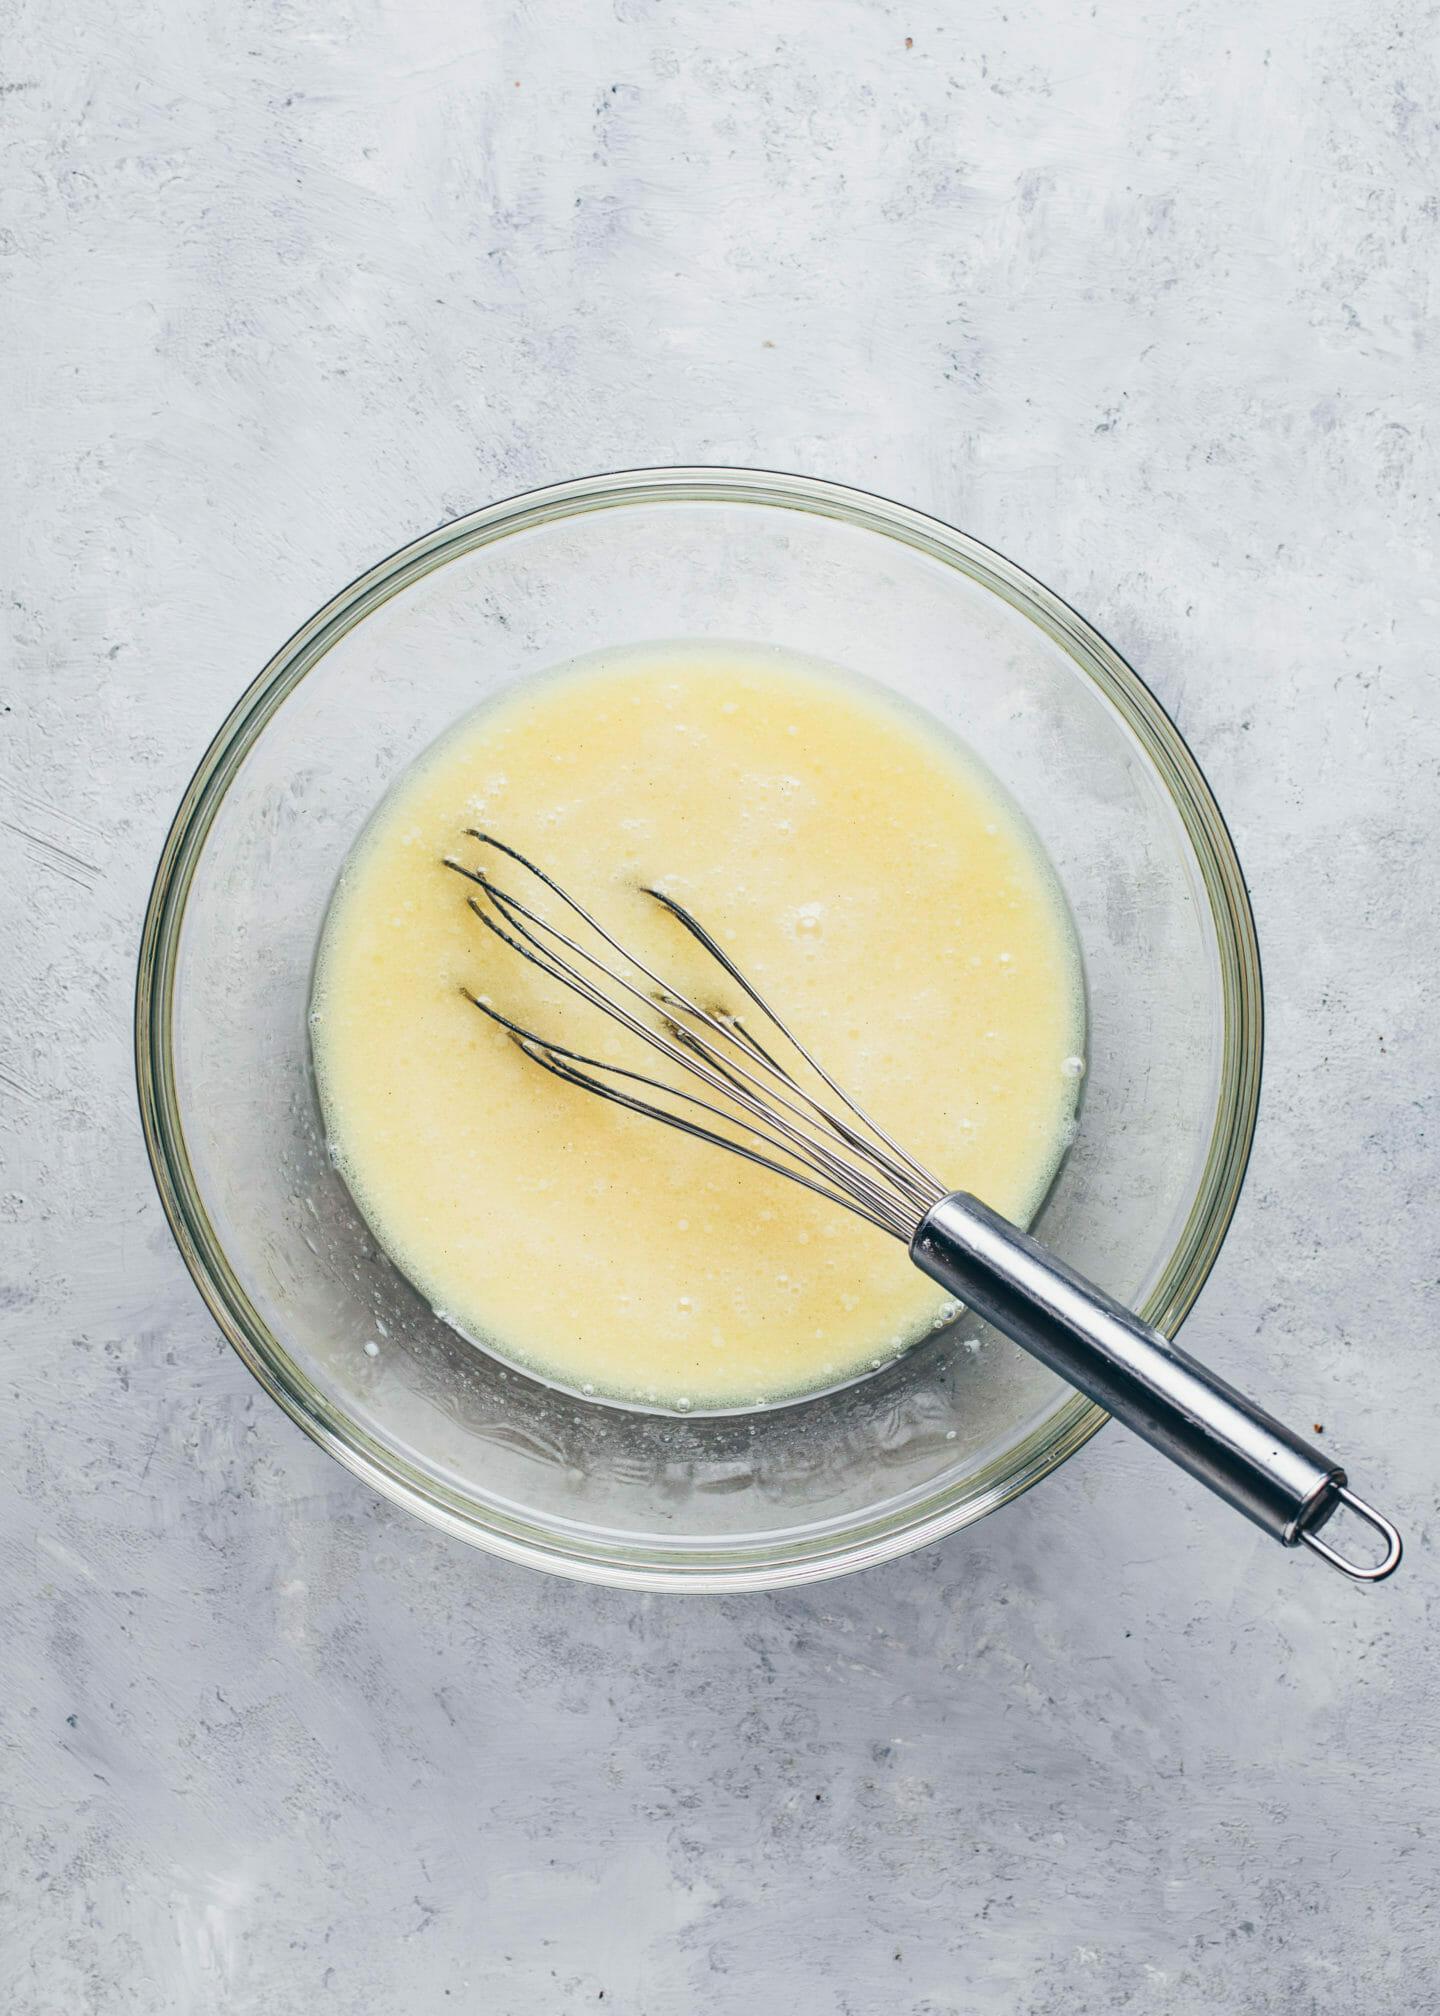 Pflanzenmilch, Öl, Zucker und Vanille in einer Schüssel für veganen Kuchenteig